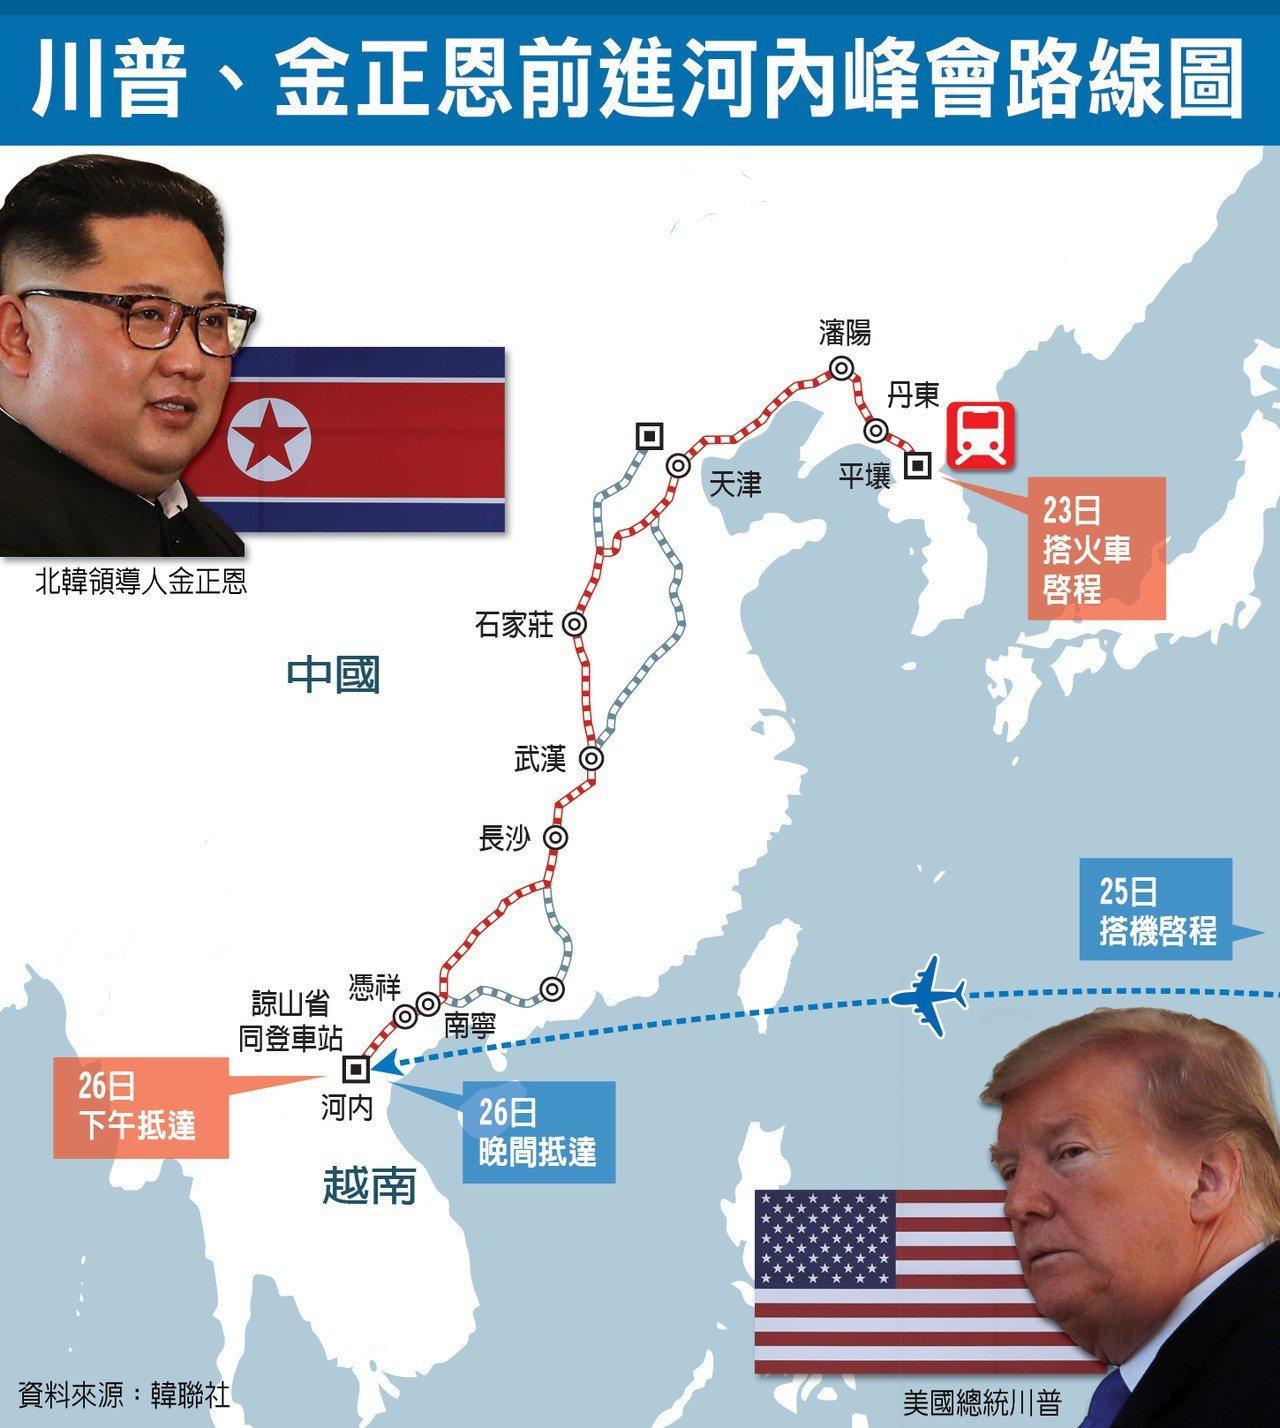 美國總統川普和北韓領導人金正恩第二次峰會將於27日至28日舉行。圖/聯合新聞網製